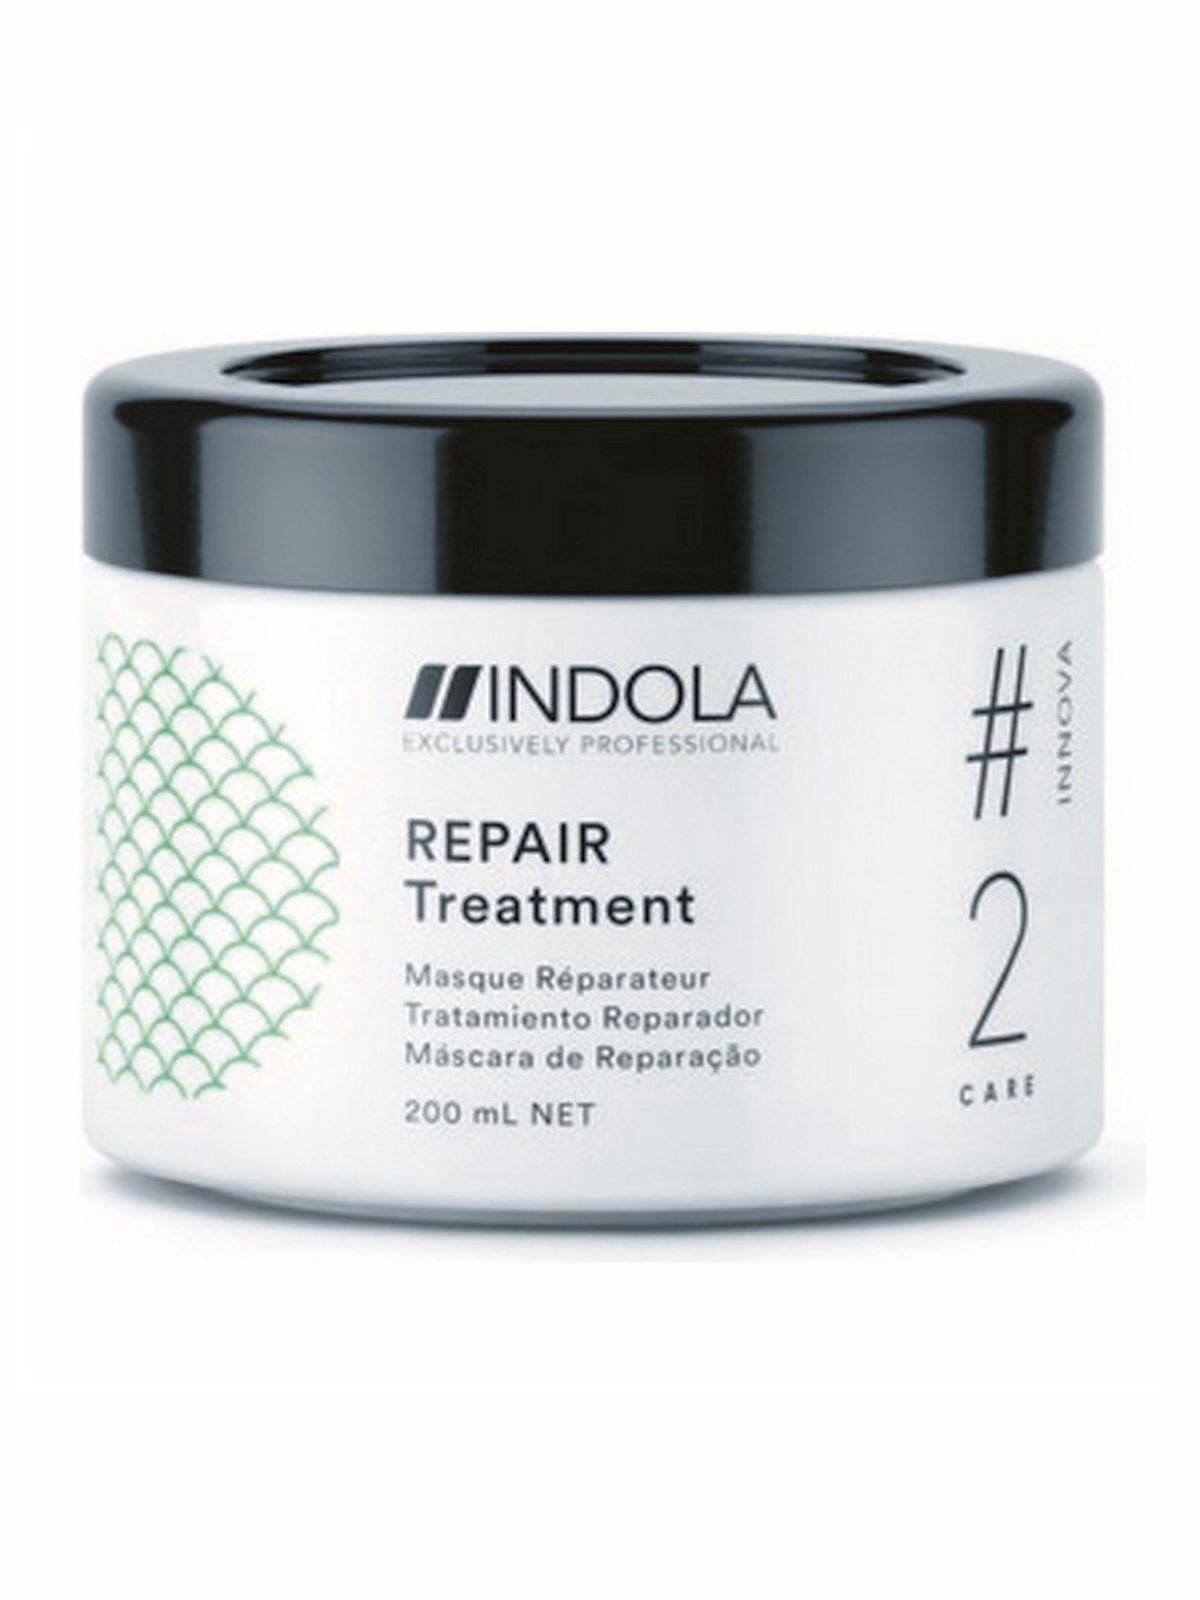 Восстанавливающая маска для волос Indola Repair Treatment, 200 мл indola чарующее сияние маска восстанавливающая смываемая 200 мл